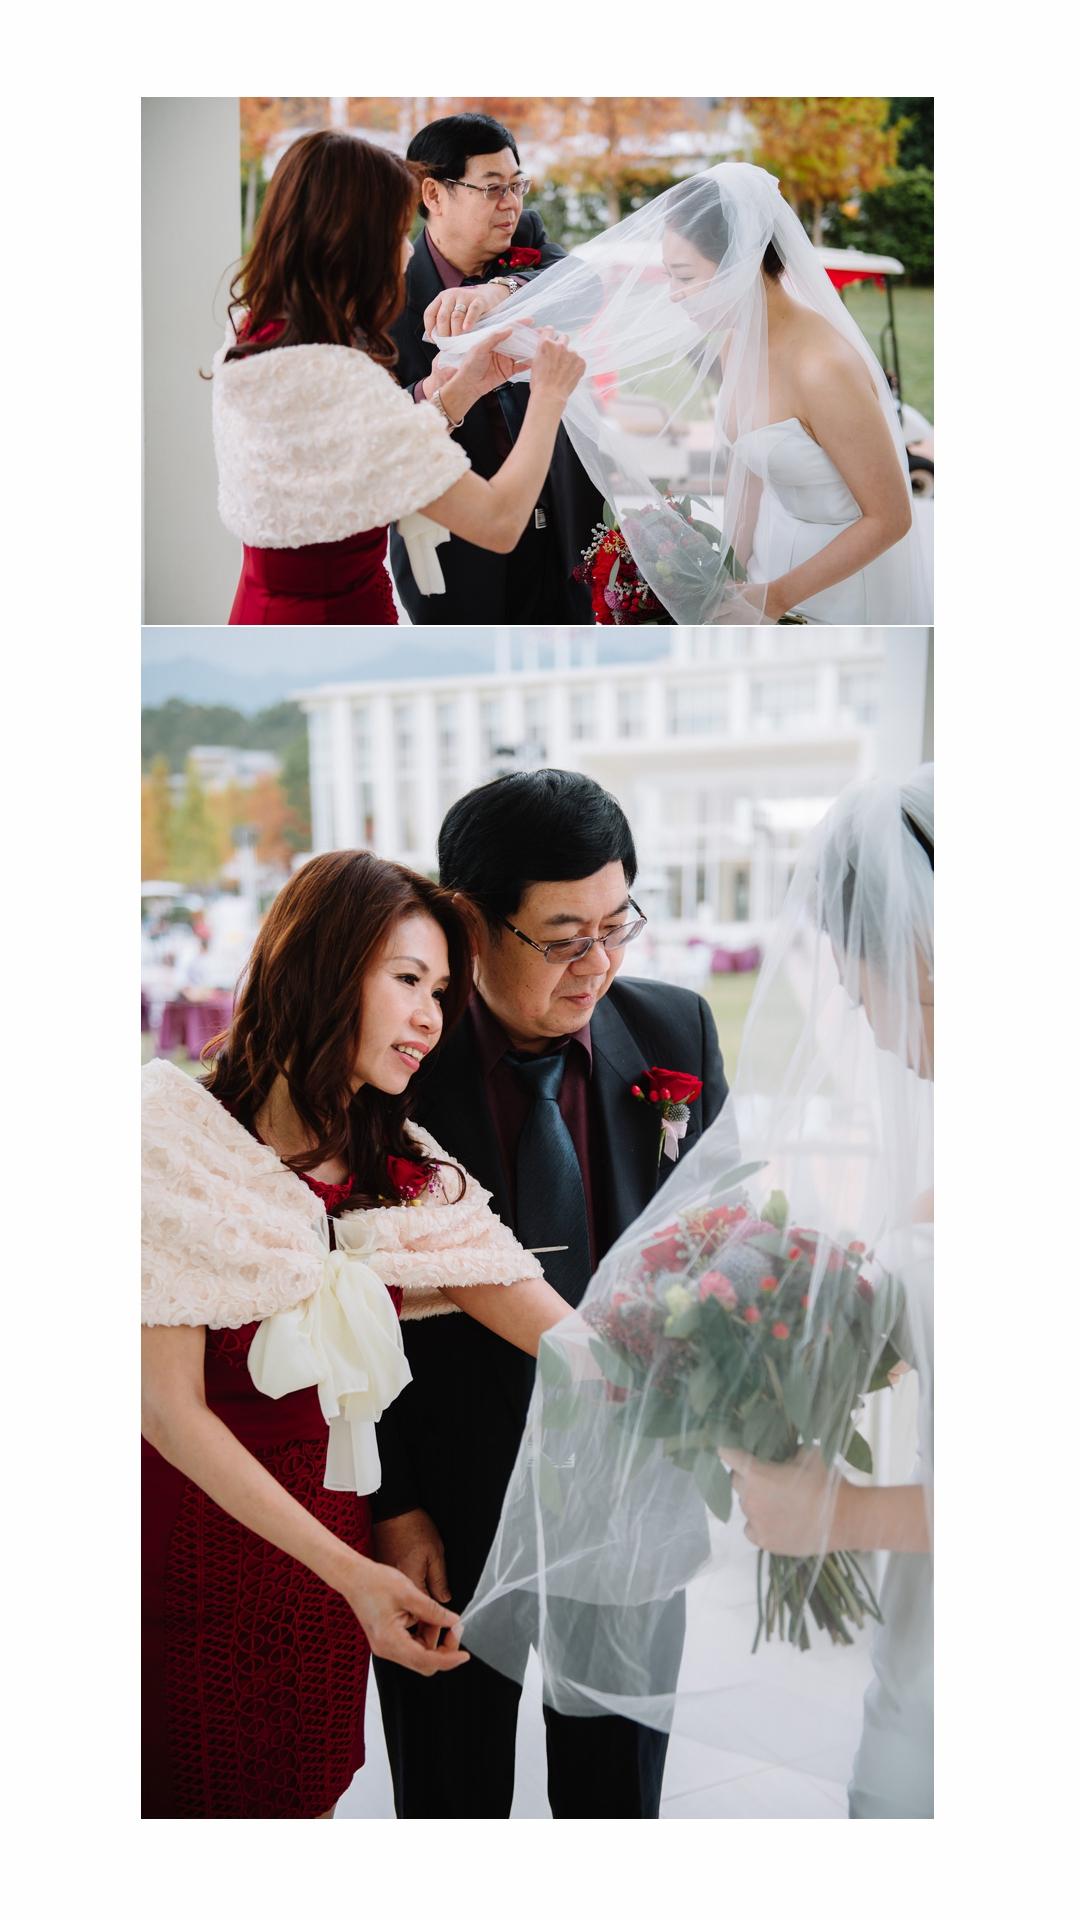 婚攝推薦,戶外婚禮,心之芳庭,心之芳庭小南法,小南法,俐茵造型